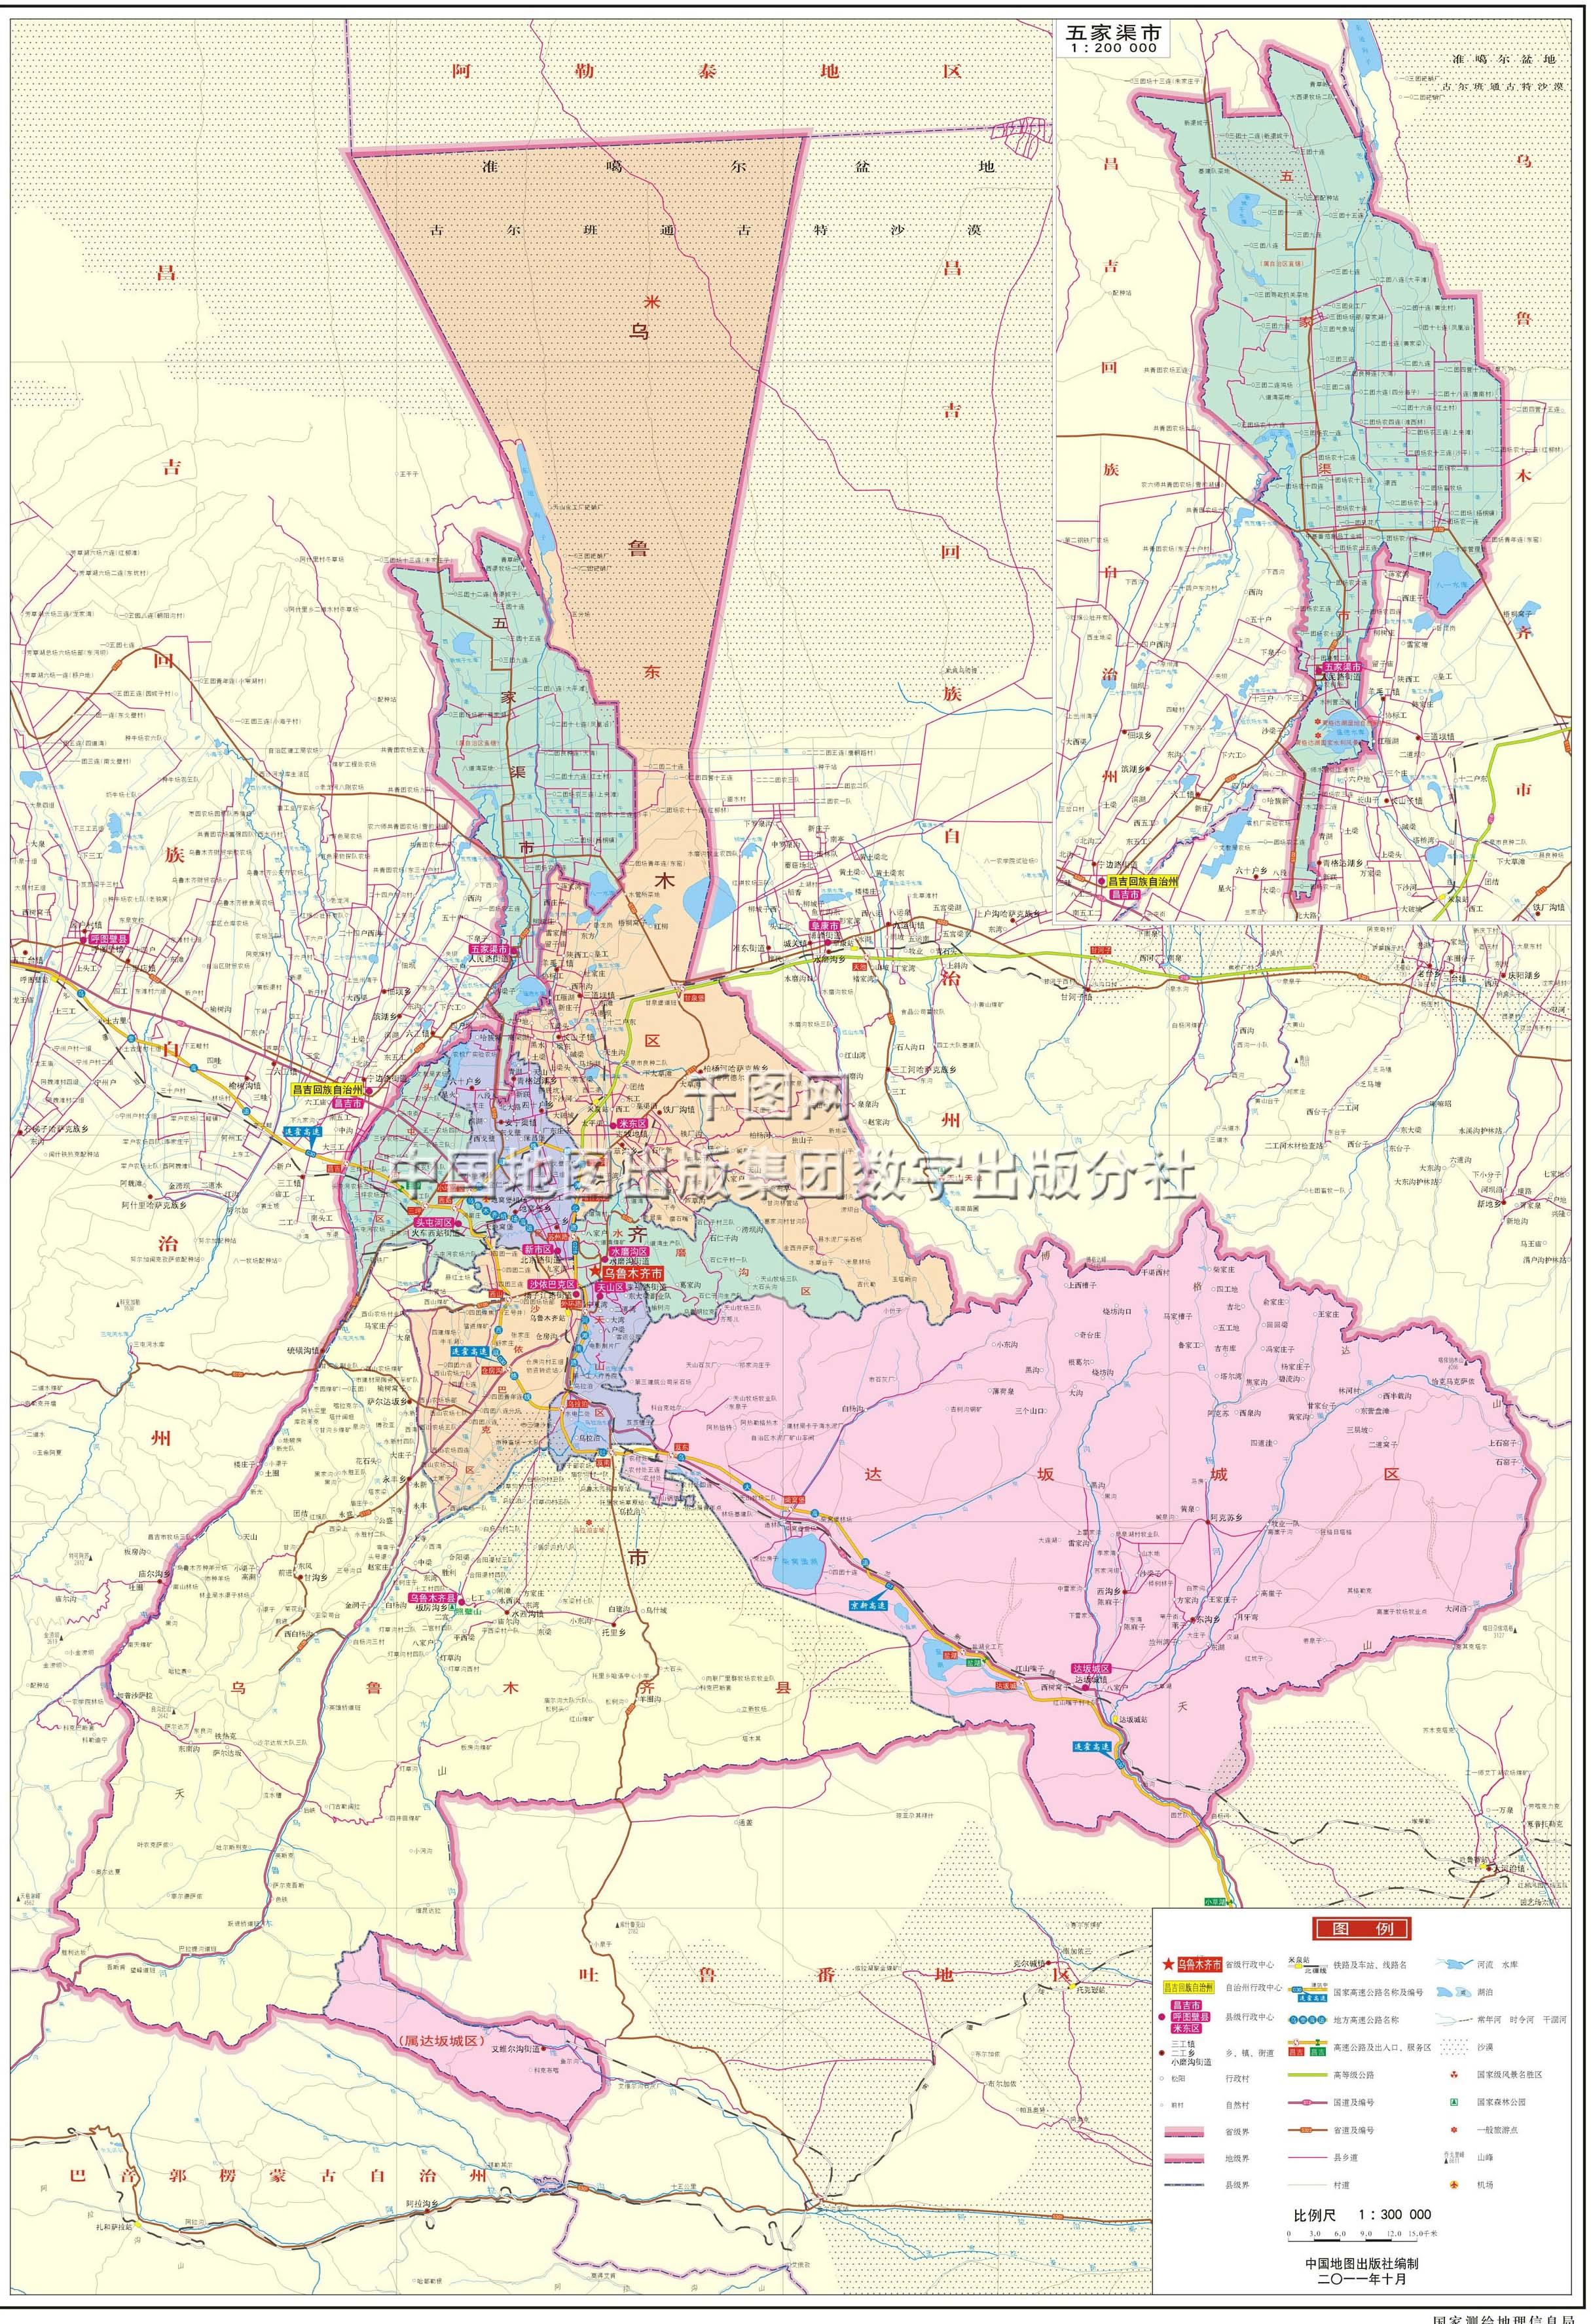 乌鲁木齐市地图_乌鲁木齐市地图高清版_乌鲁木齐地图库